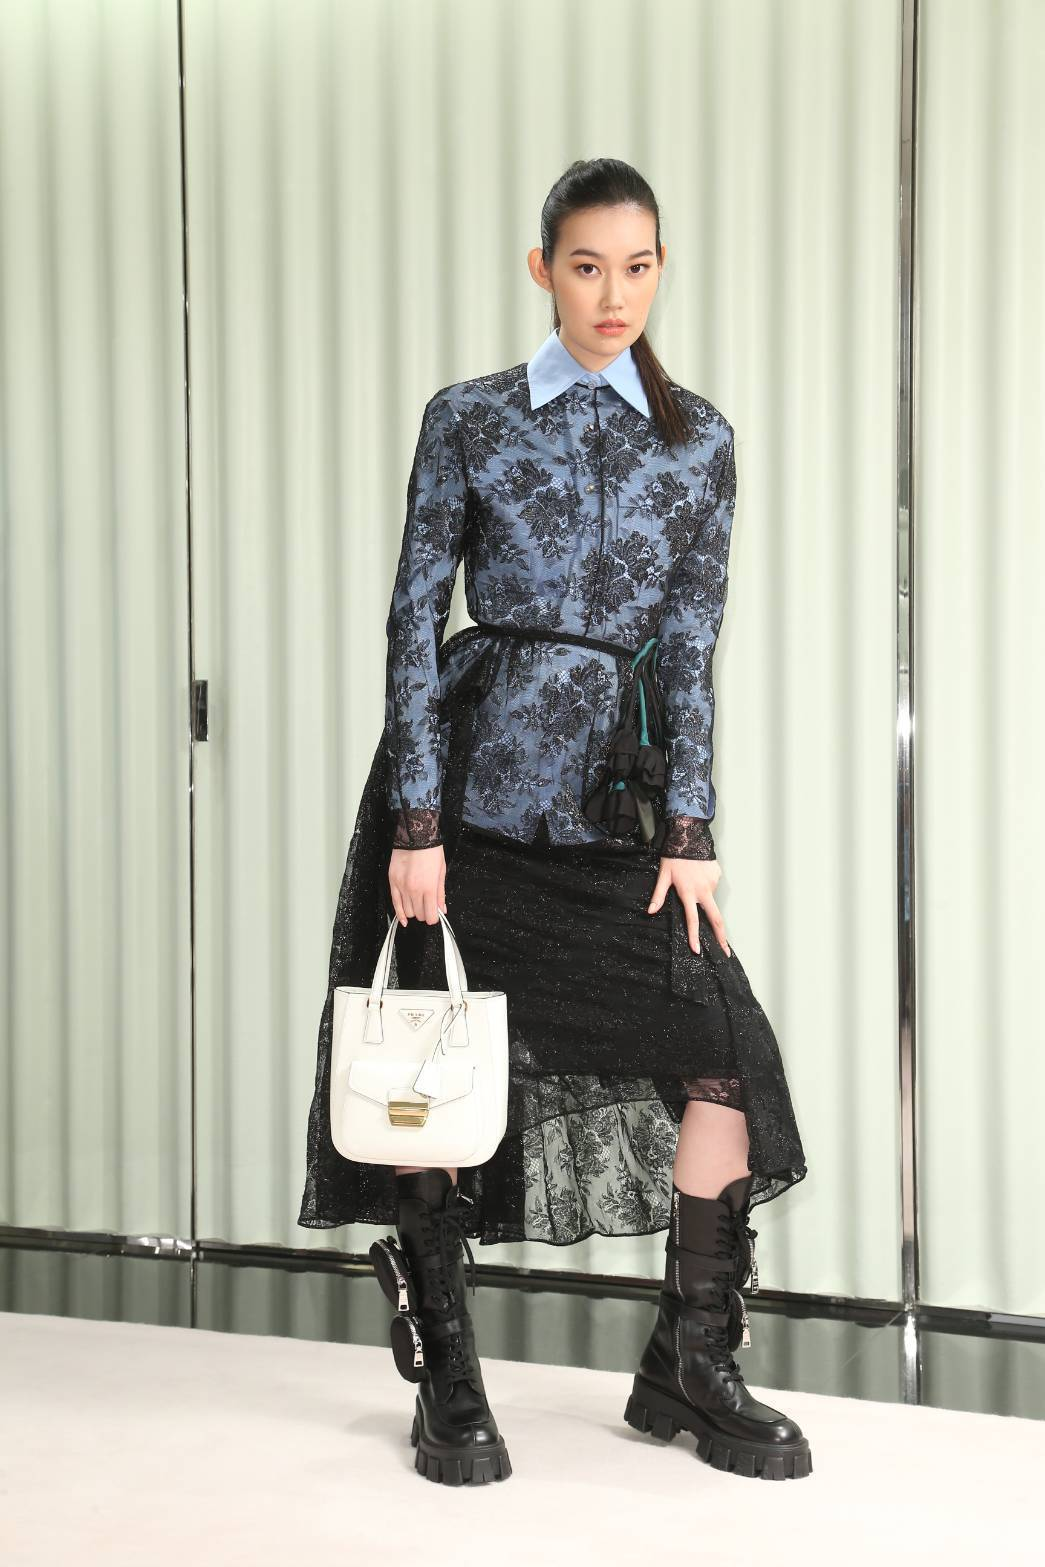 董若彤(Tiffany)穿PRADA蕾絲立體花朵洋裝15萬5,000元,藍色雙口...